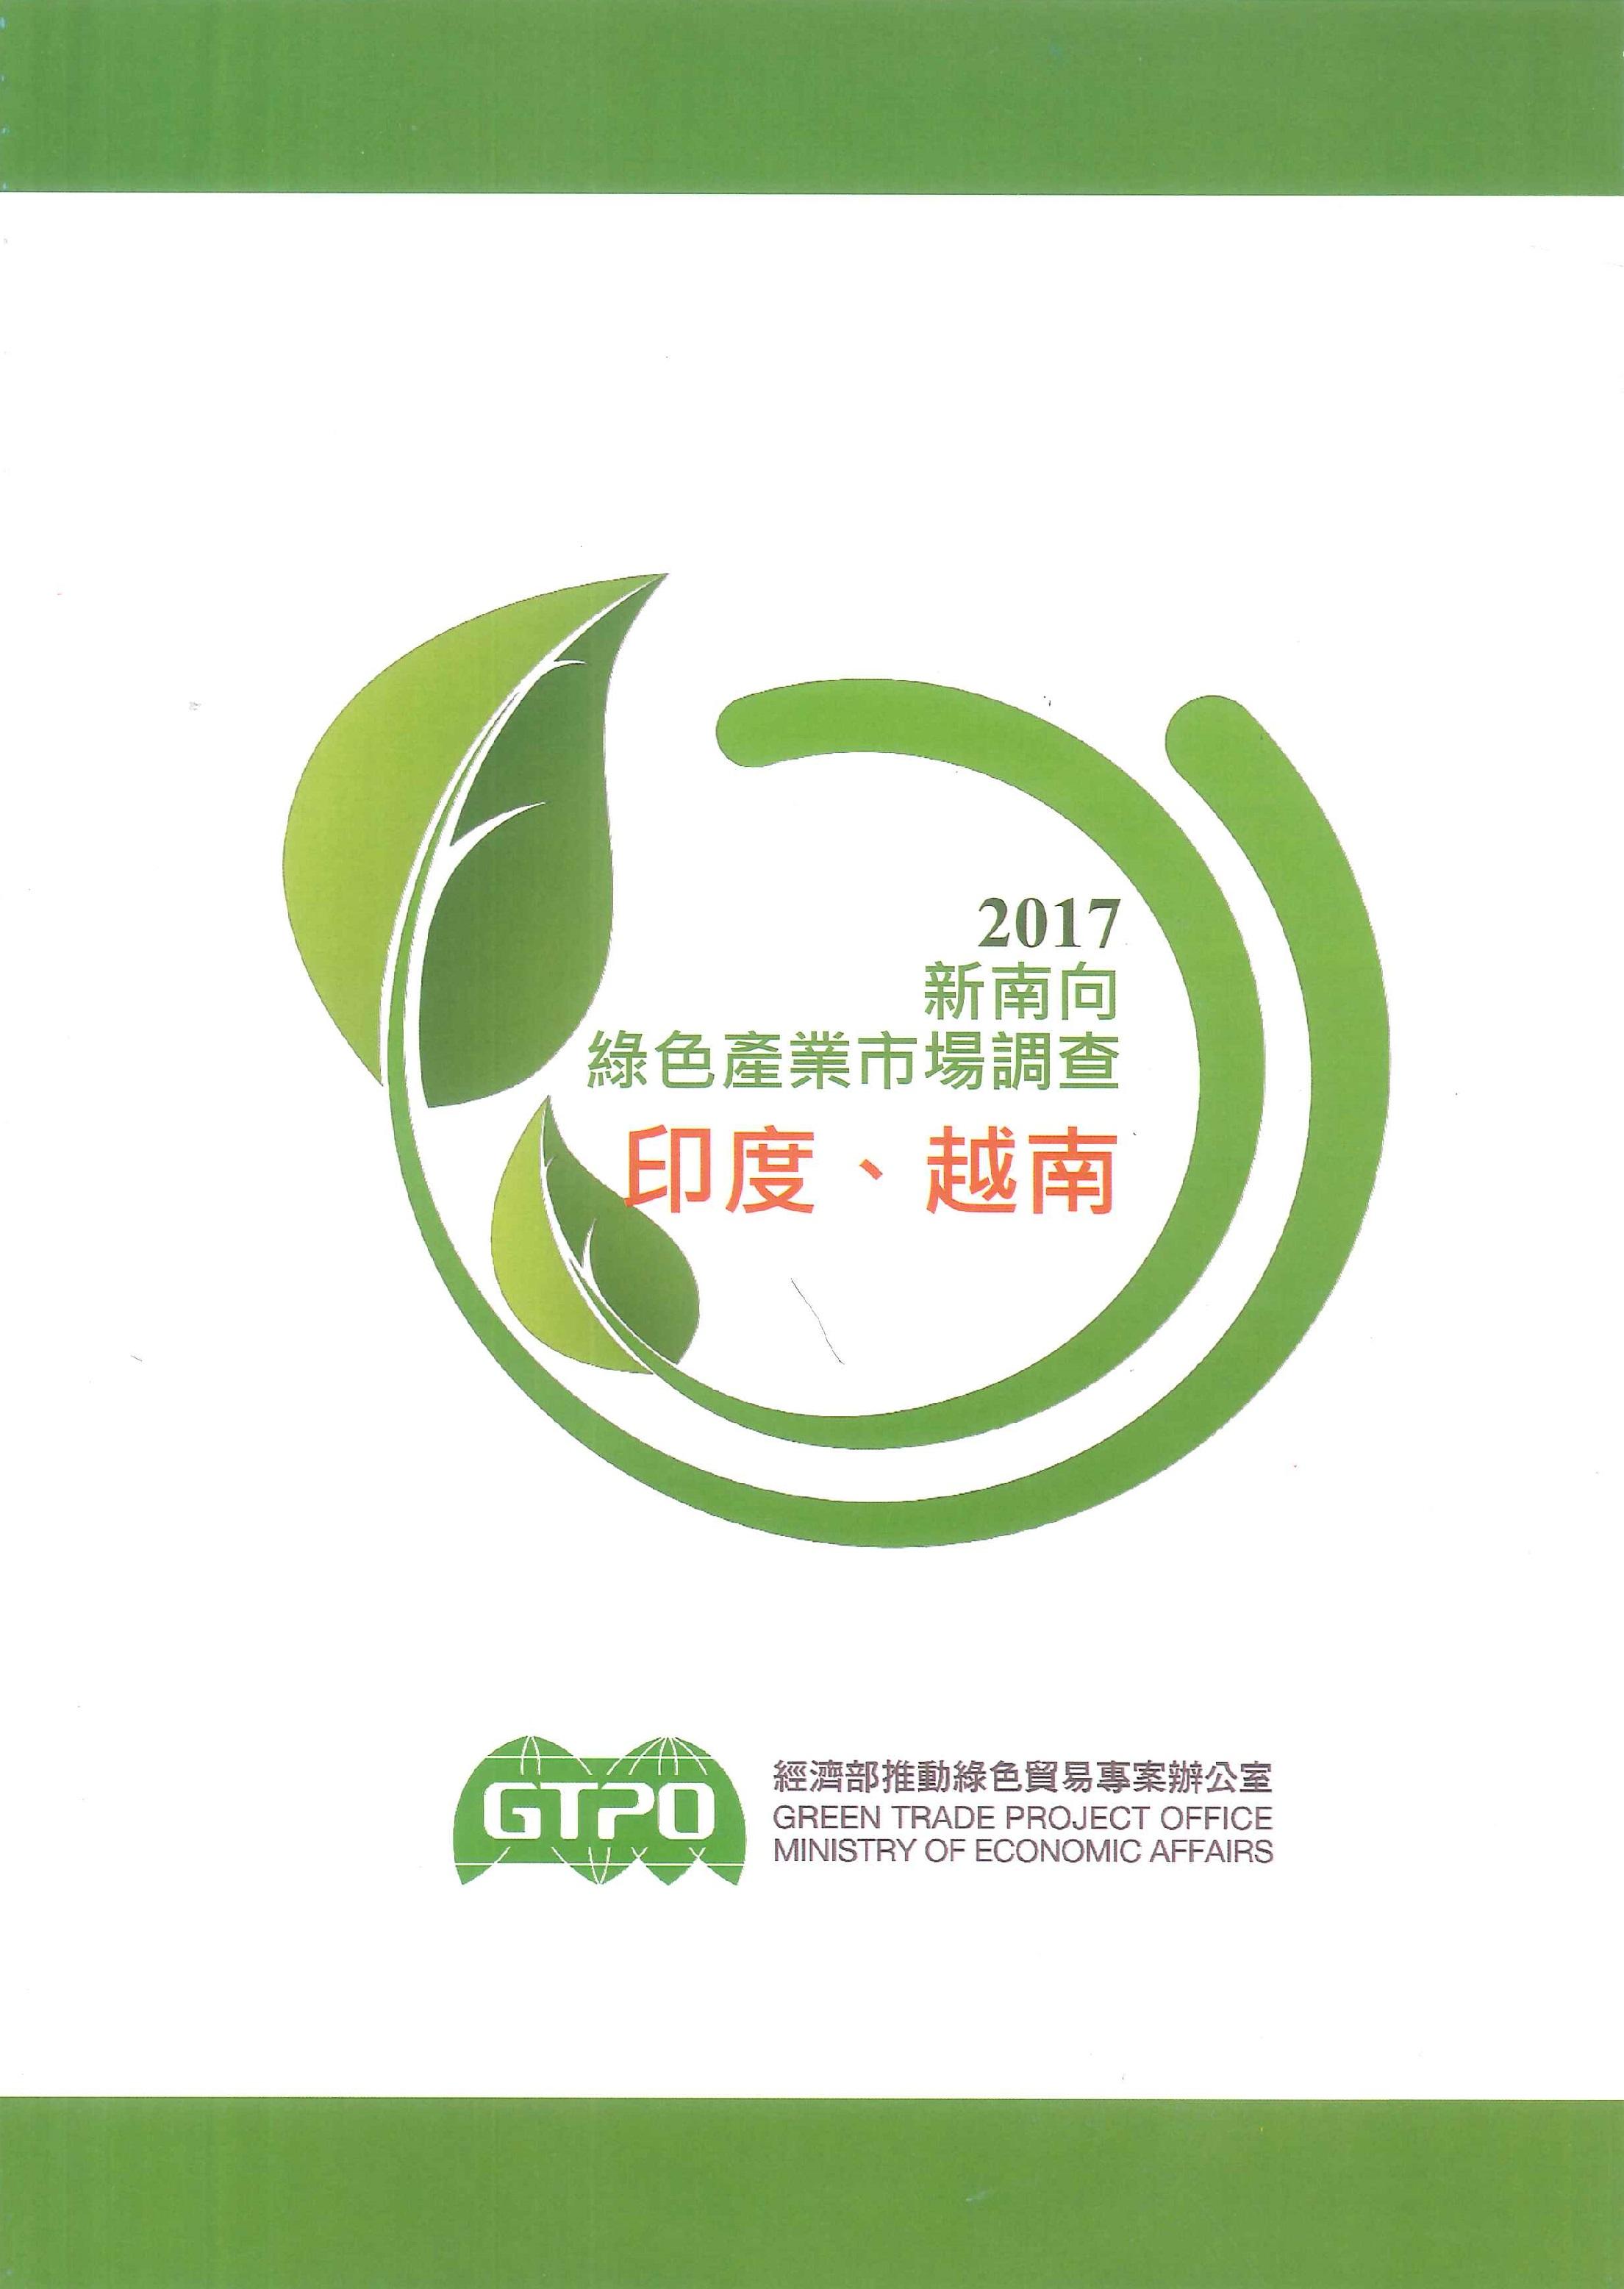 2017新南向綠色產業市場調查:印度、越南